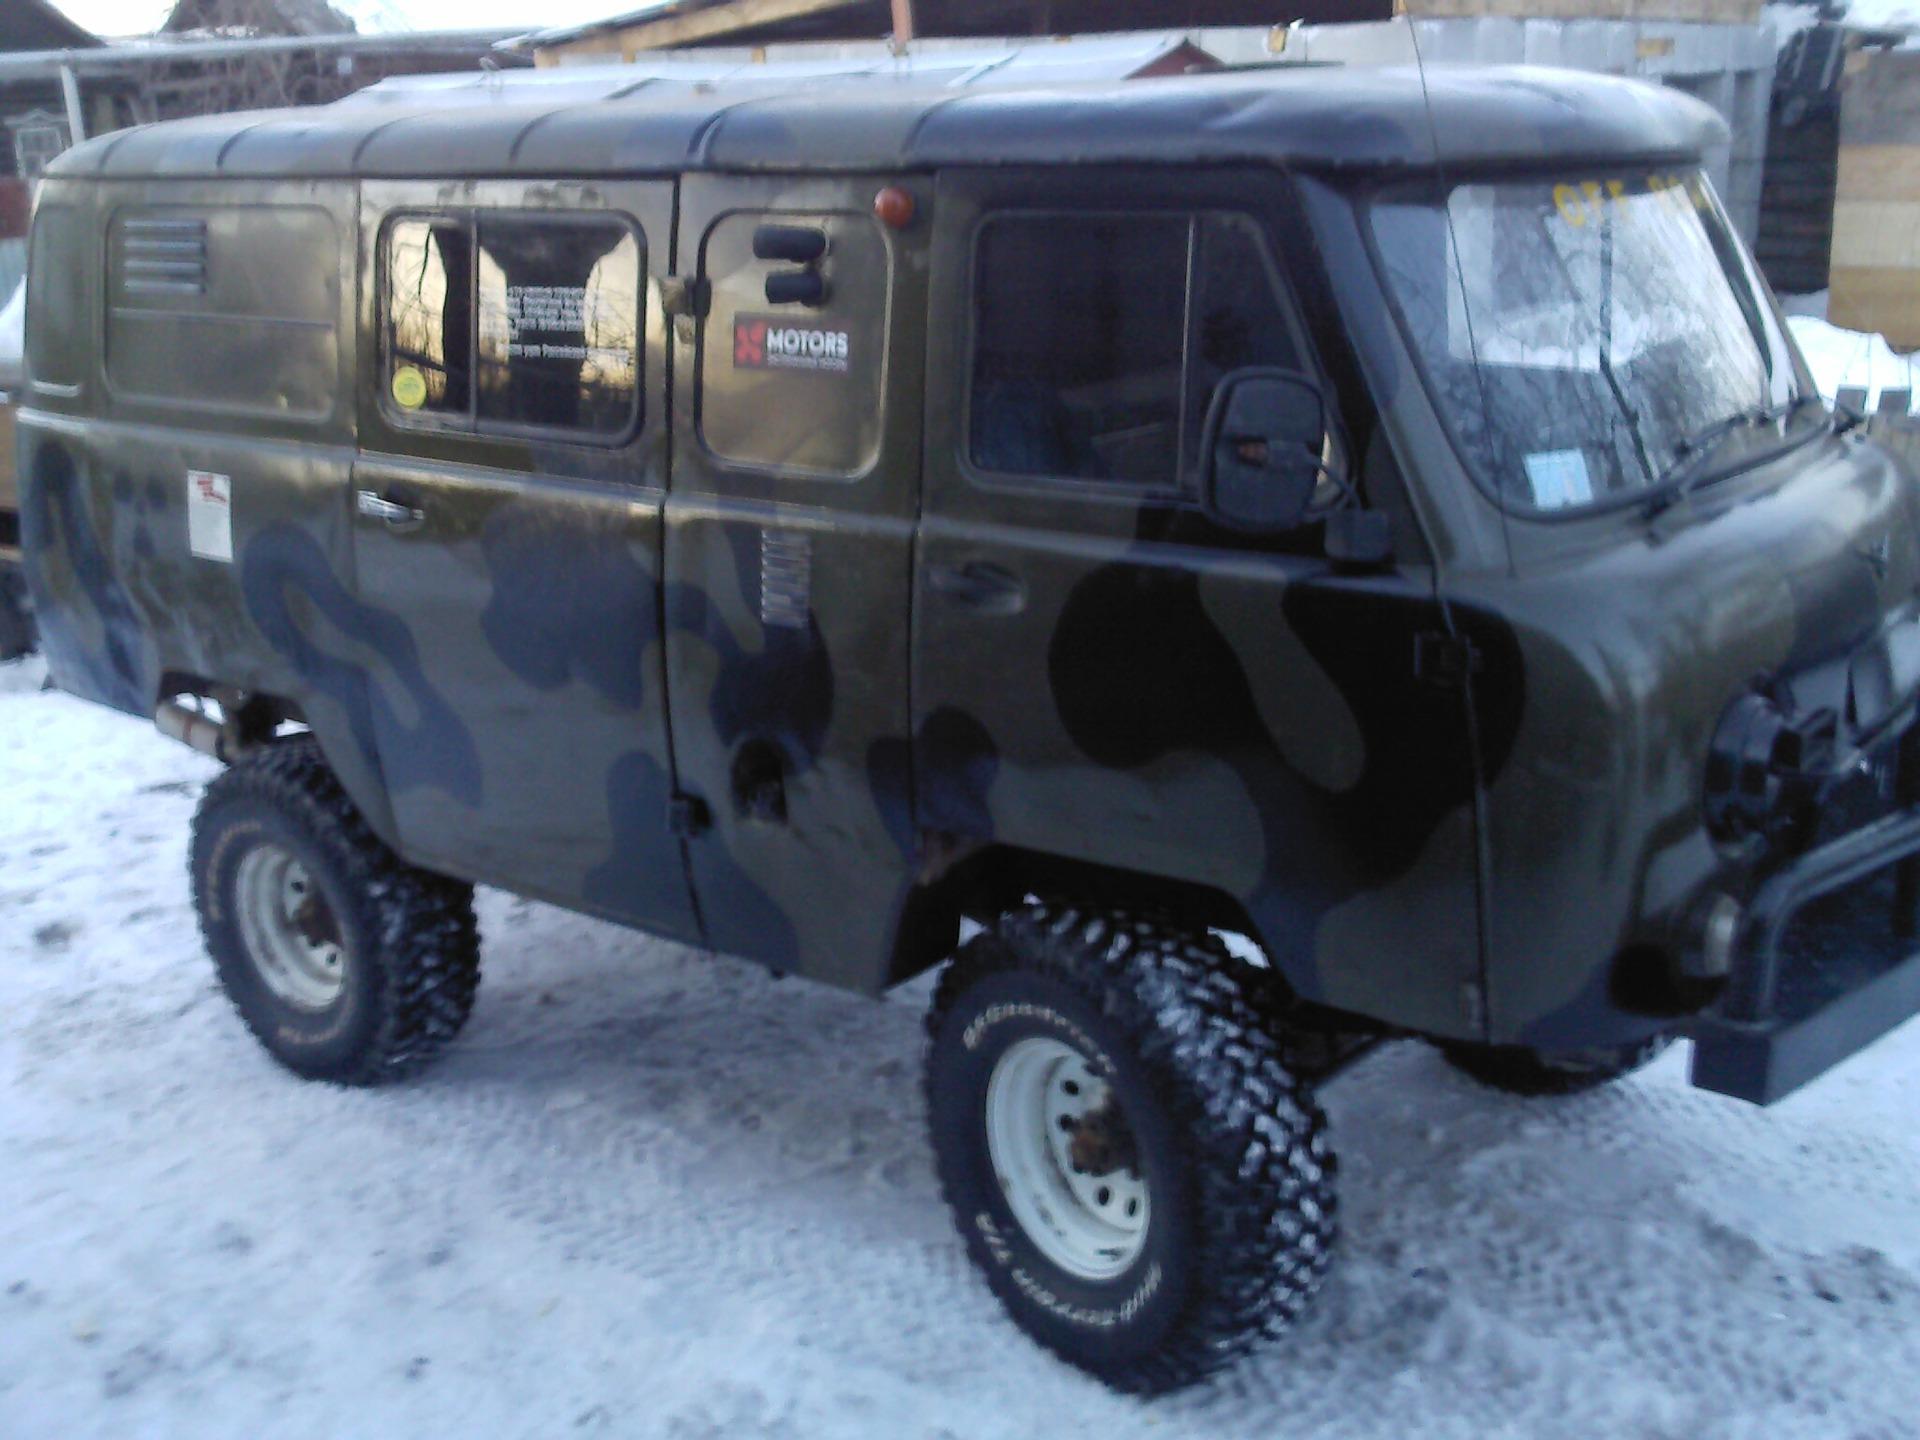 Покраска УАЗа в камуфляж своими руками - Ремонт и тюнинг кузова 66